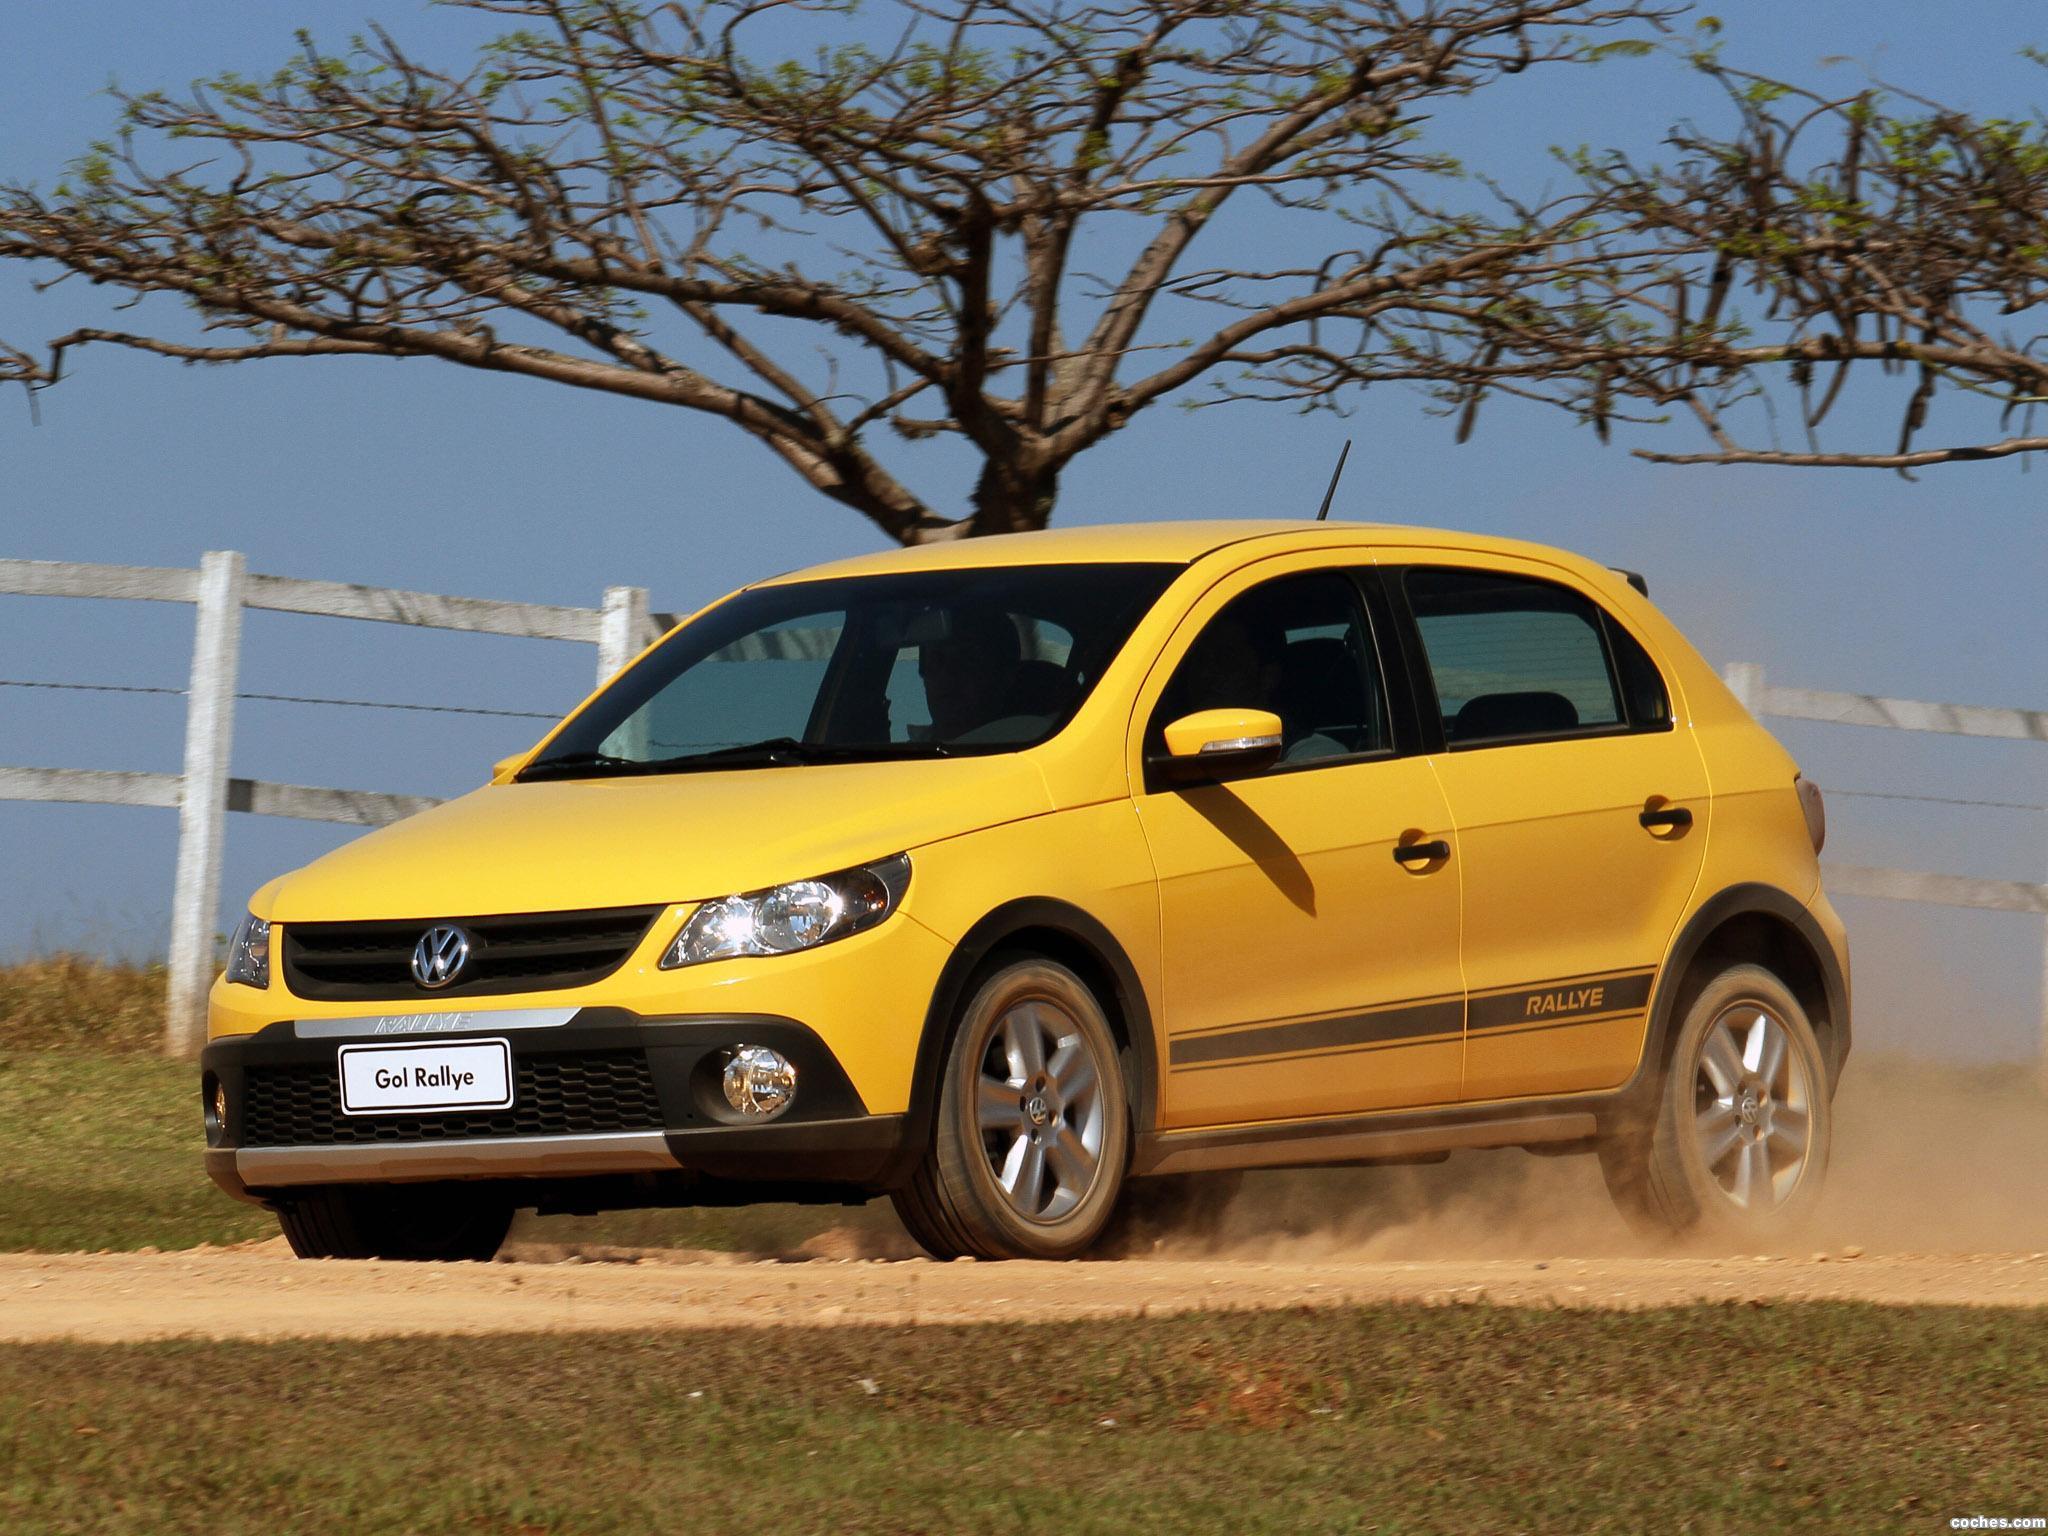 Foto 2 de Volkswagen Gol Rallye 2010-2012